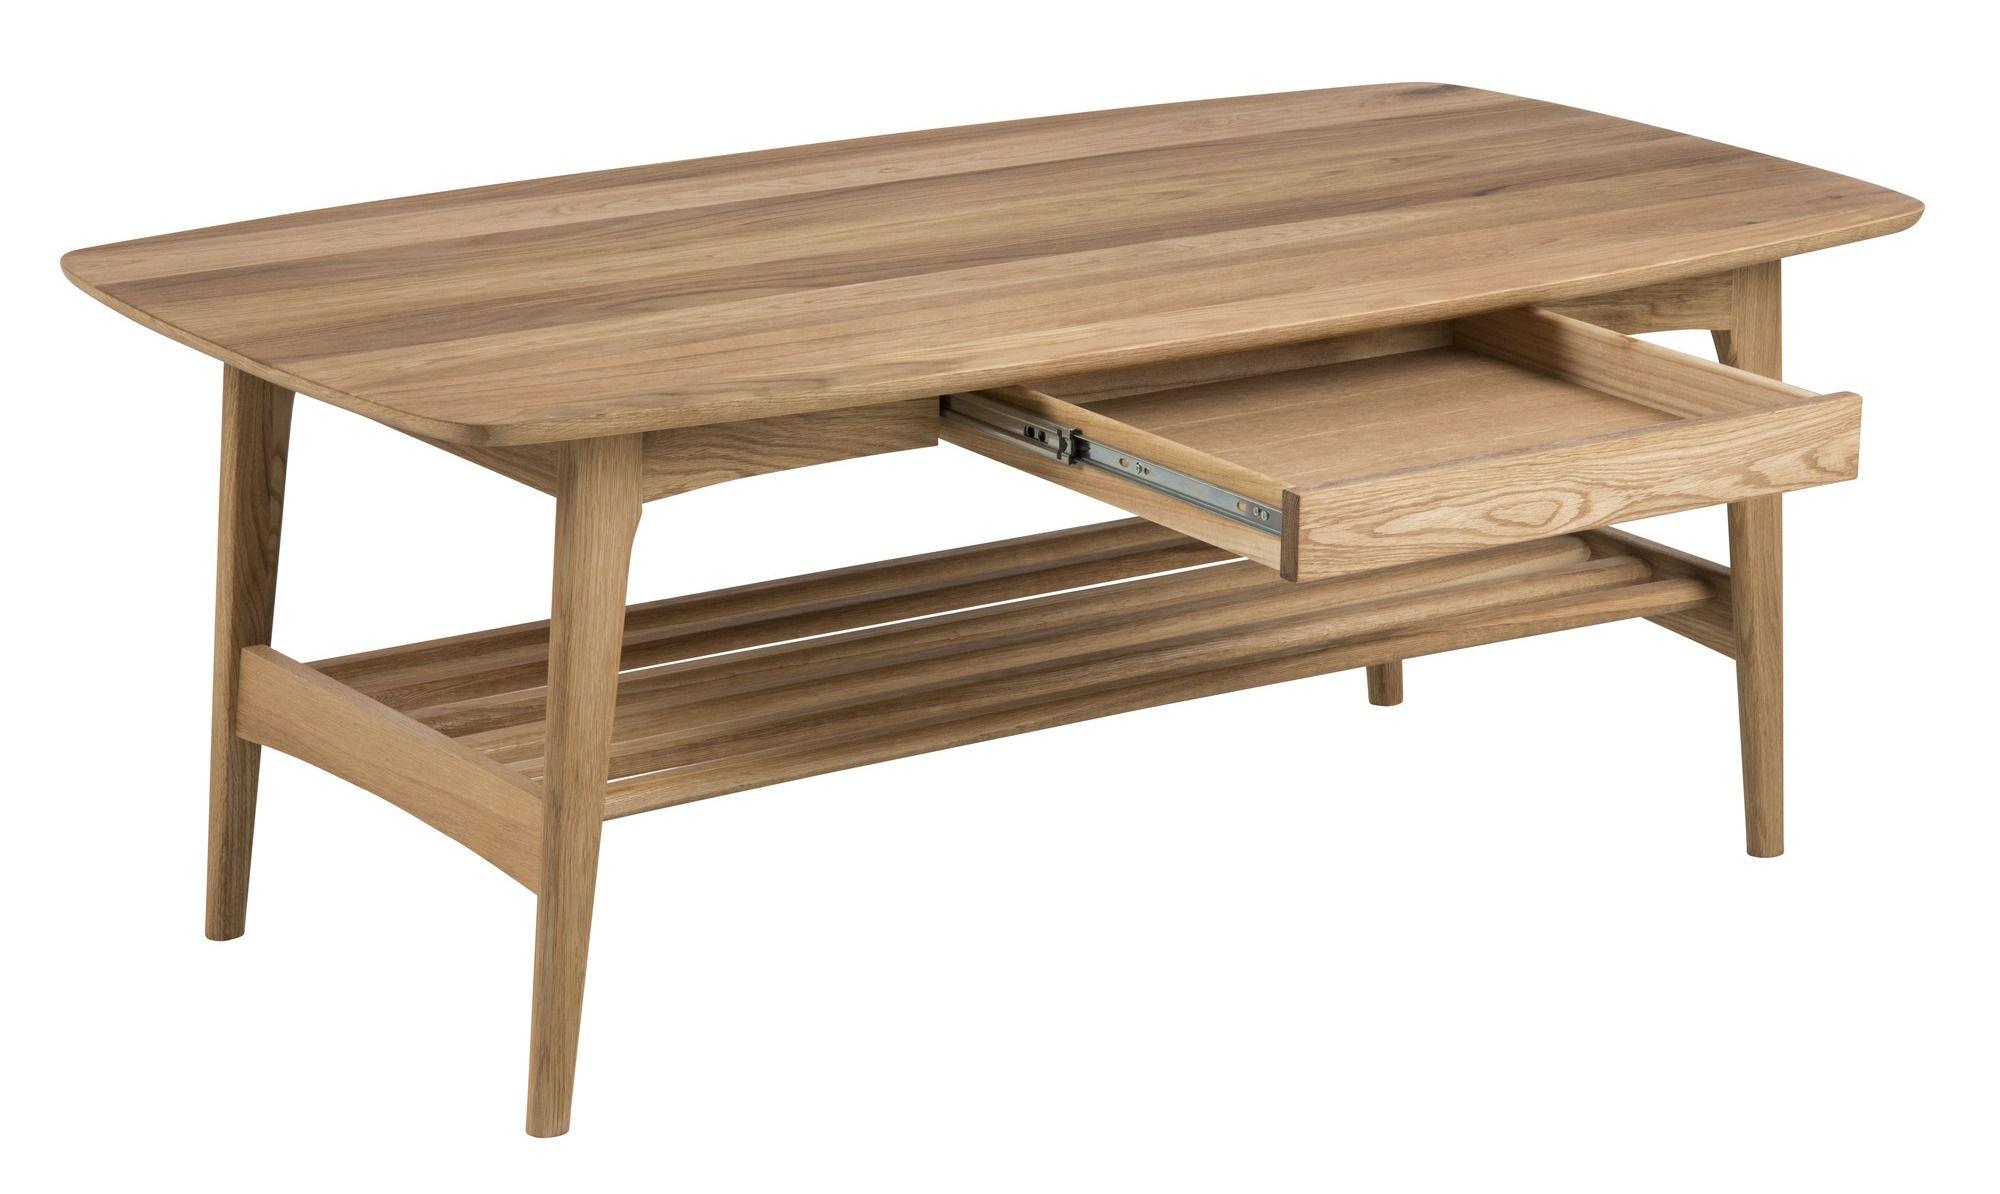 Materiał: drewno dębowe, fornir dębowyKolor: naturalny